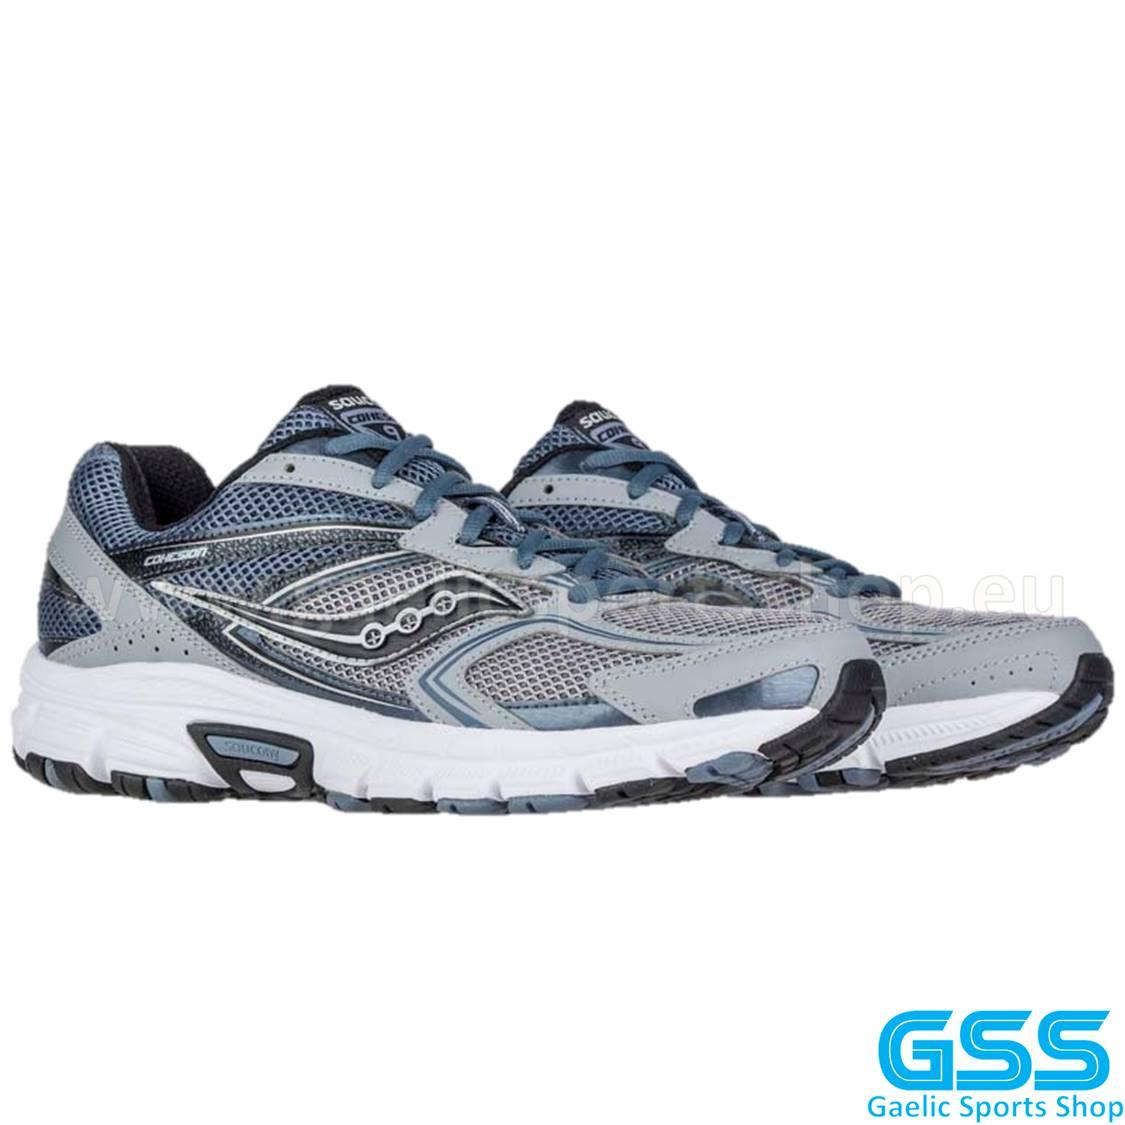 Hobea Unisex Babies 'Builder Nacimiento Zapatos, Color Gris, Talla 24/25